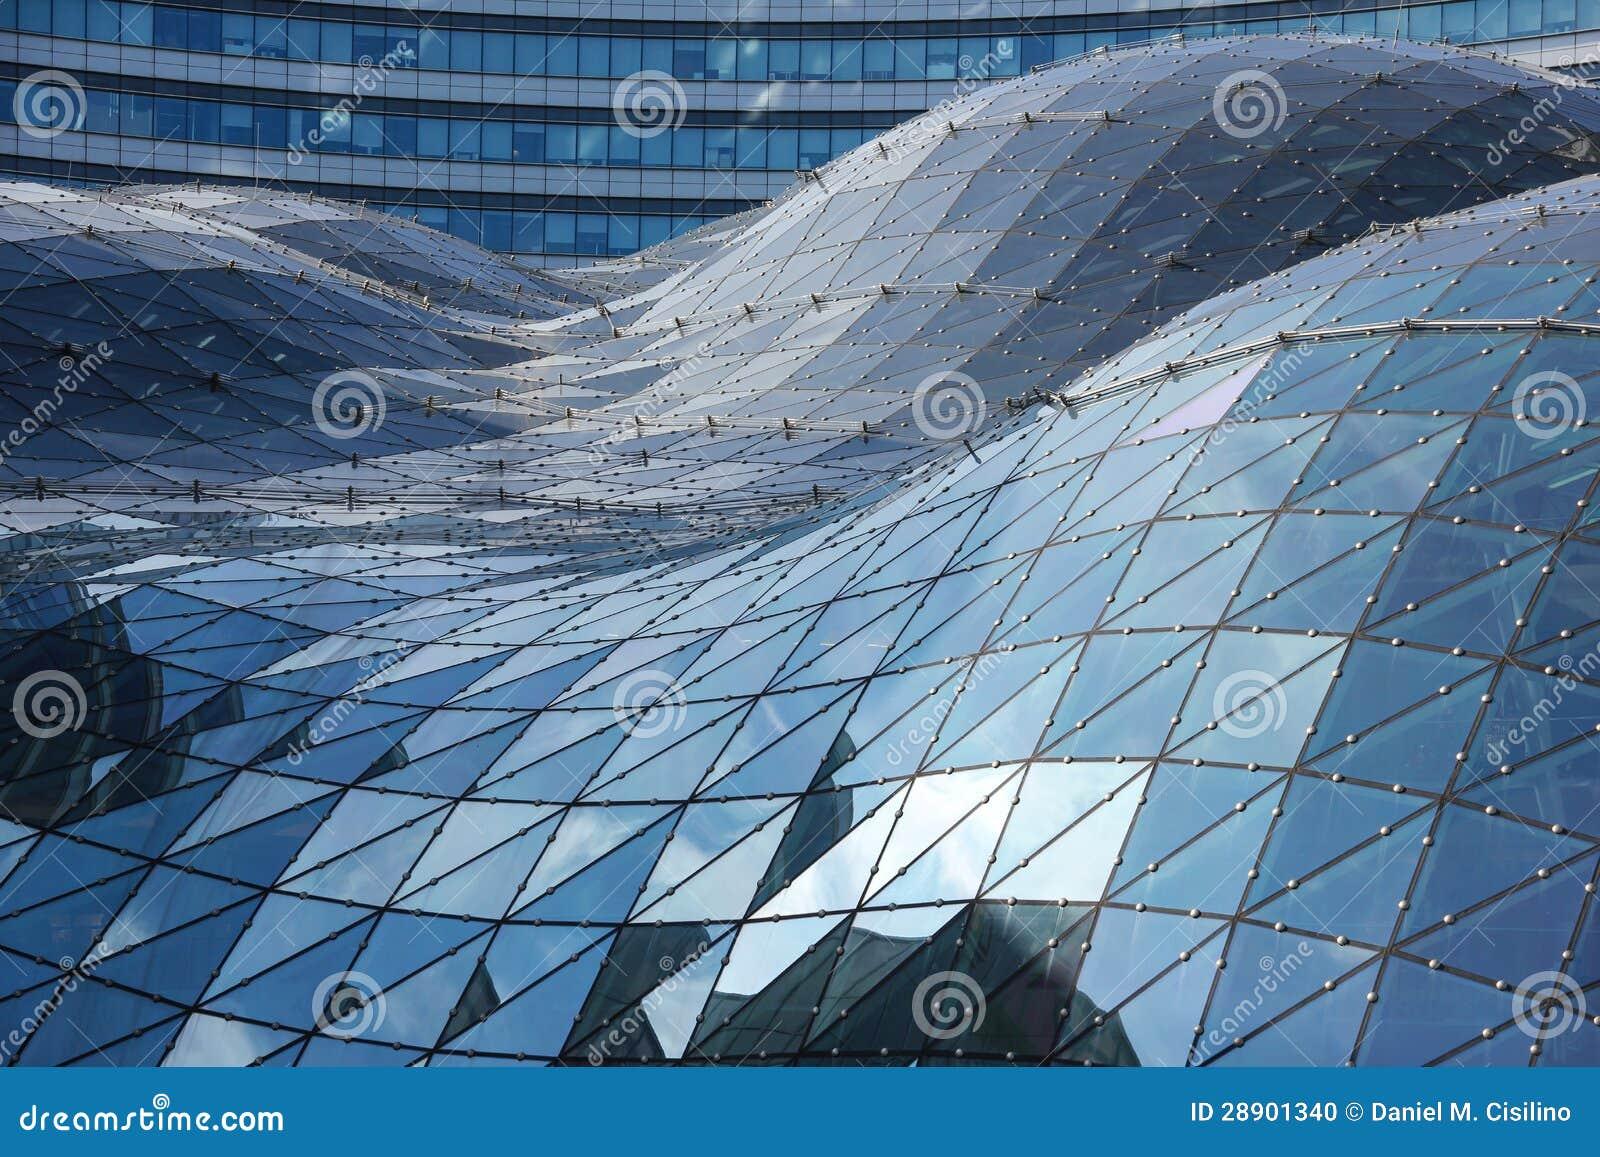 Blaue Reflexionen auf dem Dach des modernen Gebäudes. Warschau. Polen